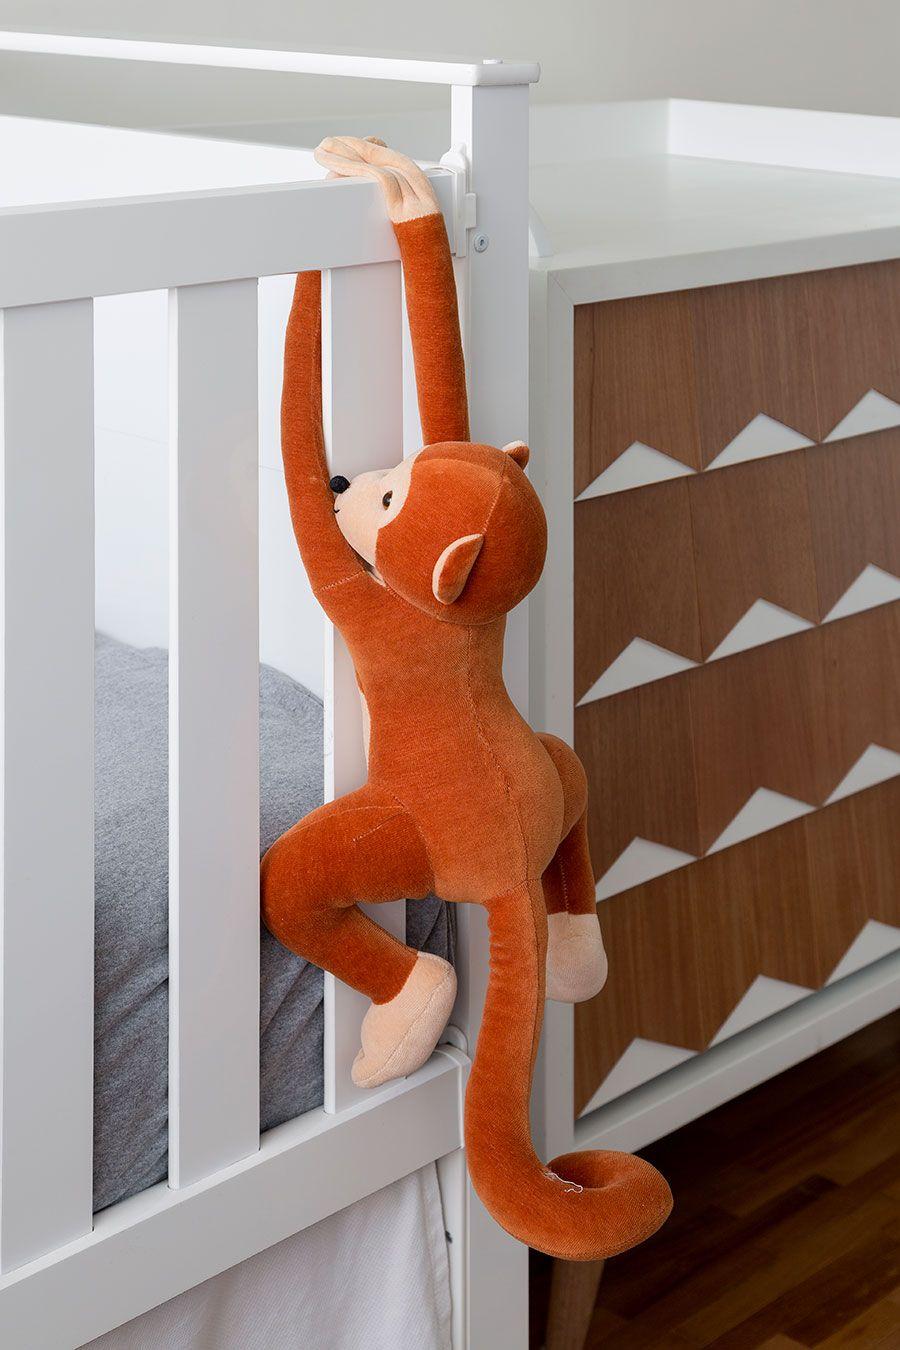 Apartamento pequeno com decoração moderna, decoração branca, integrada, iluminação natural, quarto infantil, quarto de bebê.